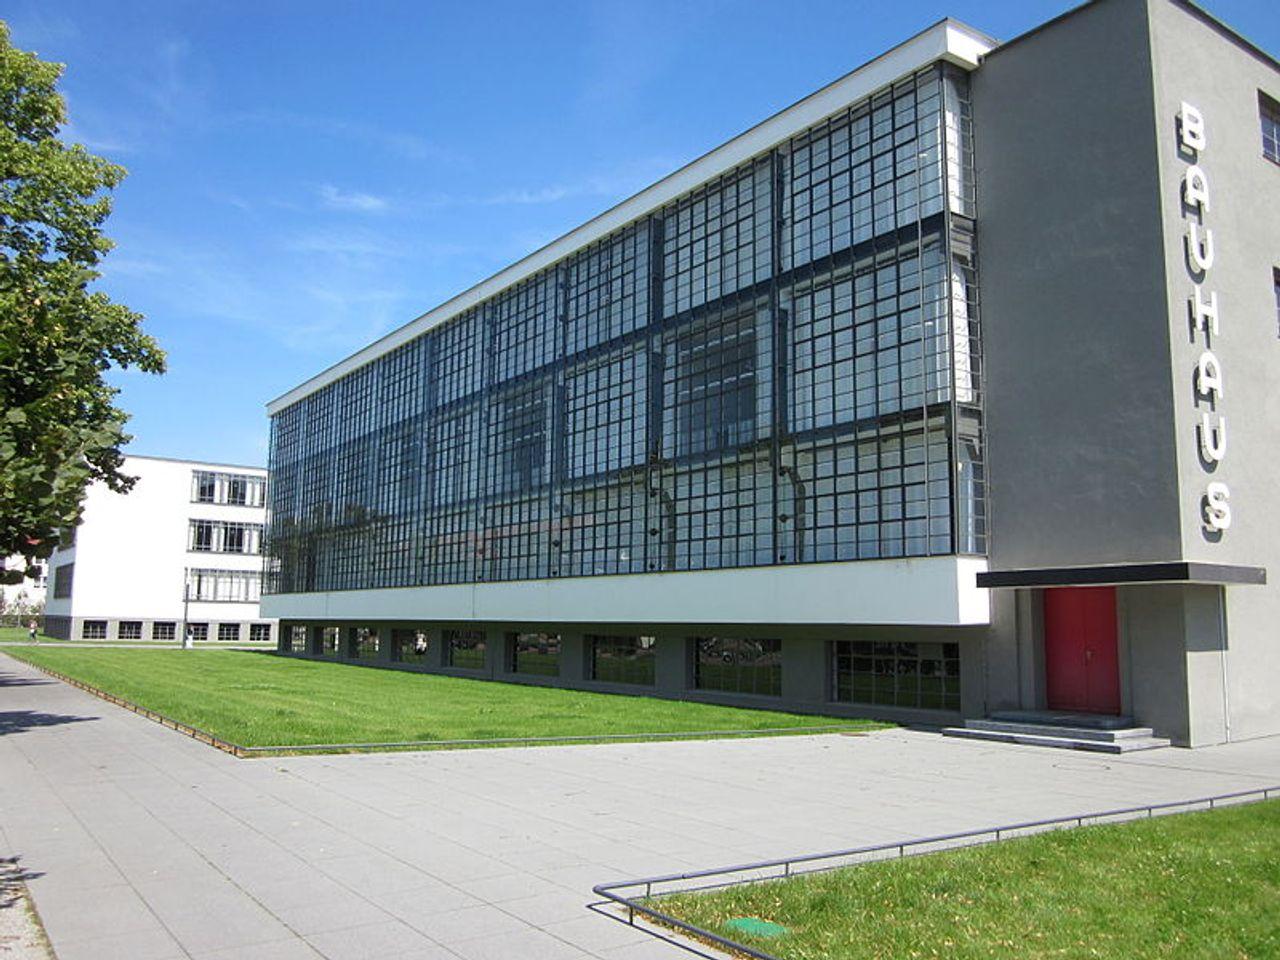 Bauhaus in Dessau [Source: Hjochheim]